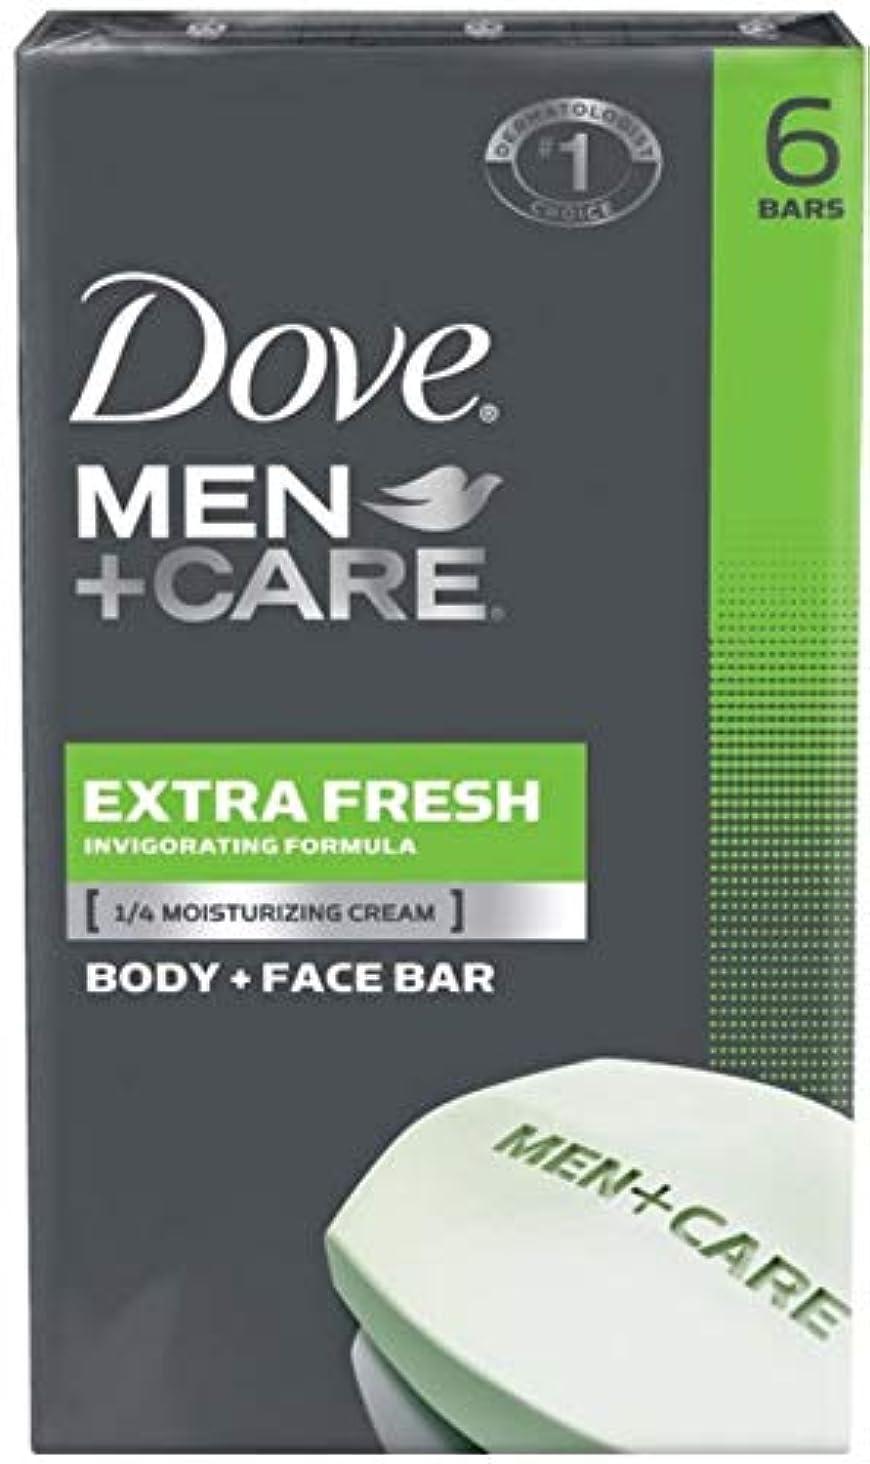 ソファーマルクス主義者絶えずDove Men + Care Body and Face Bar, Extra Fresh 4oz x 6soaps ダブ メン プラスケア エクストラフレッシュ 固形石鹸 4oz x 6個パック